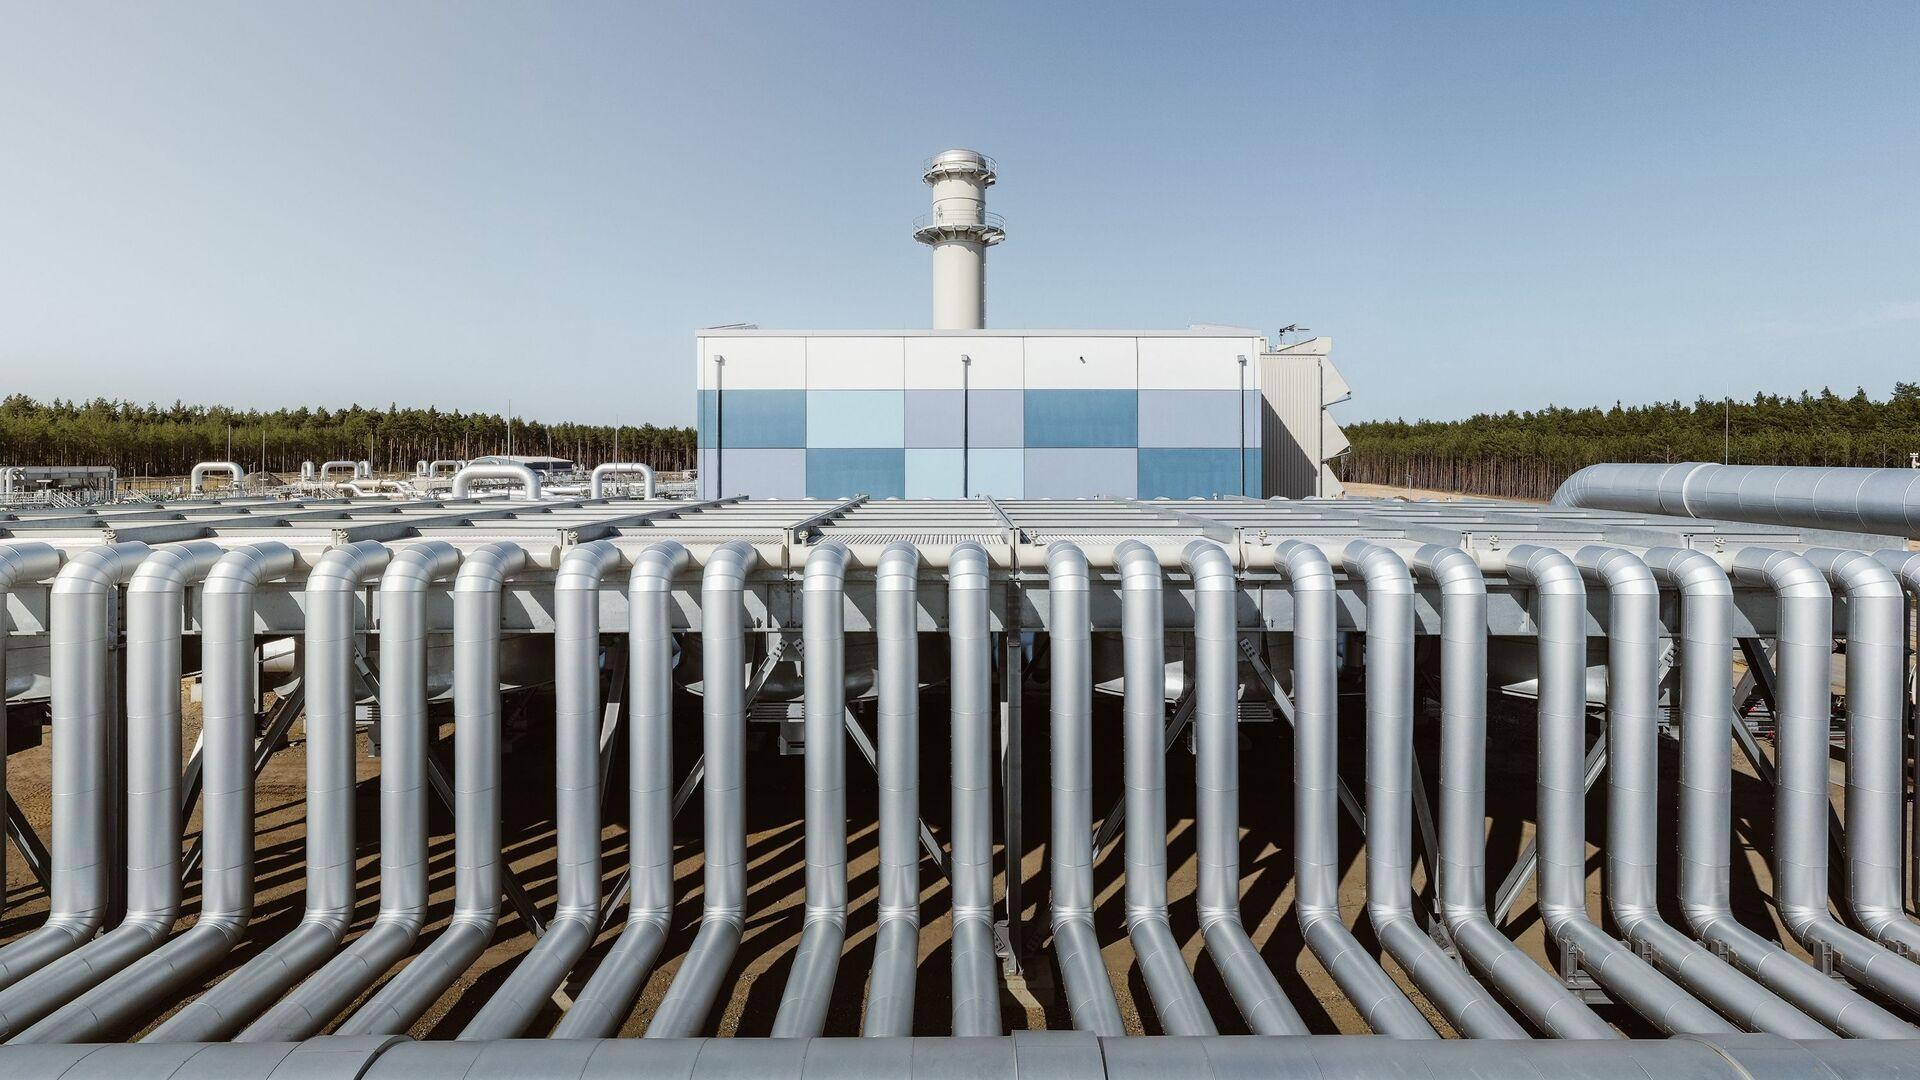 Bauarbeiten für die Gaspipeline Nord Stream 2 in Deutschland - SNA, 1920, 30.07.2021